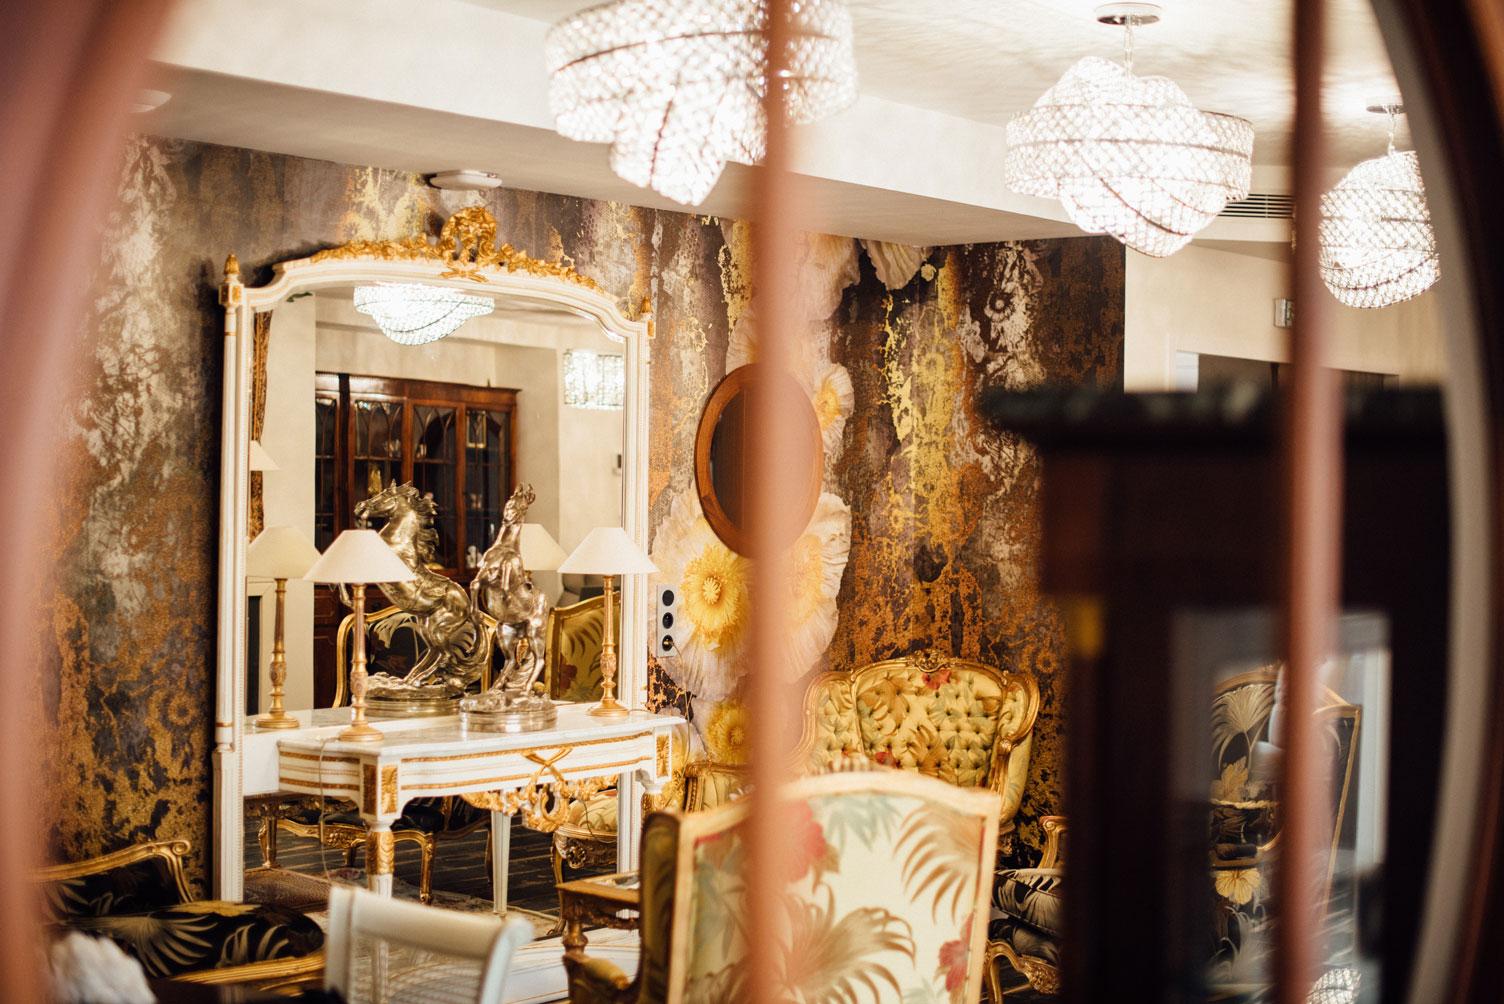 Salle commune, fauteuils, miroir, hublot | Amirauté Hôtel La Baule